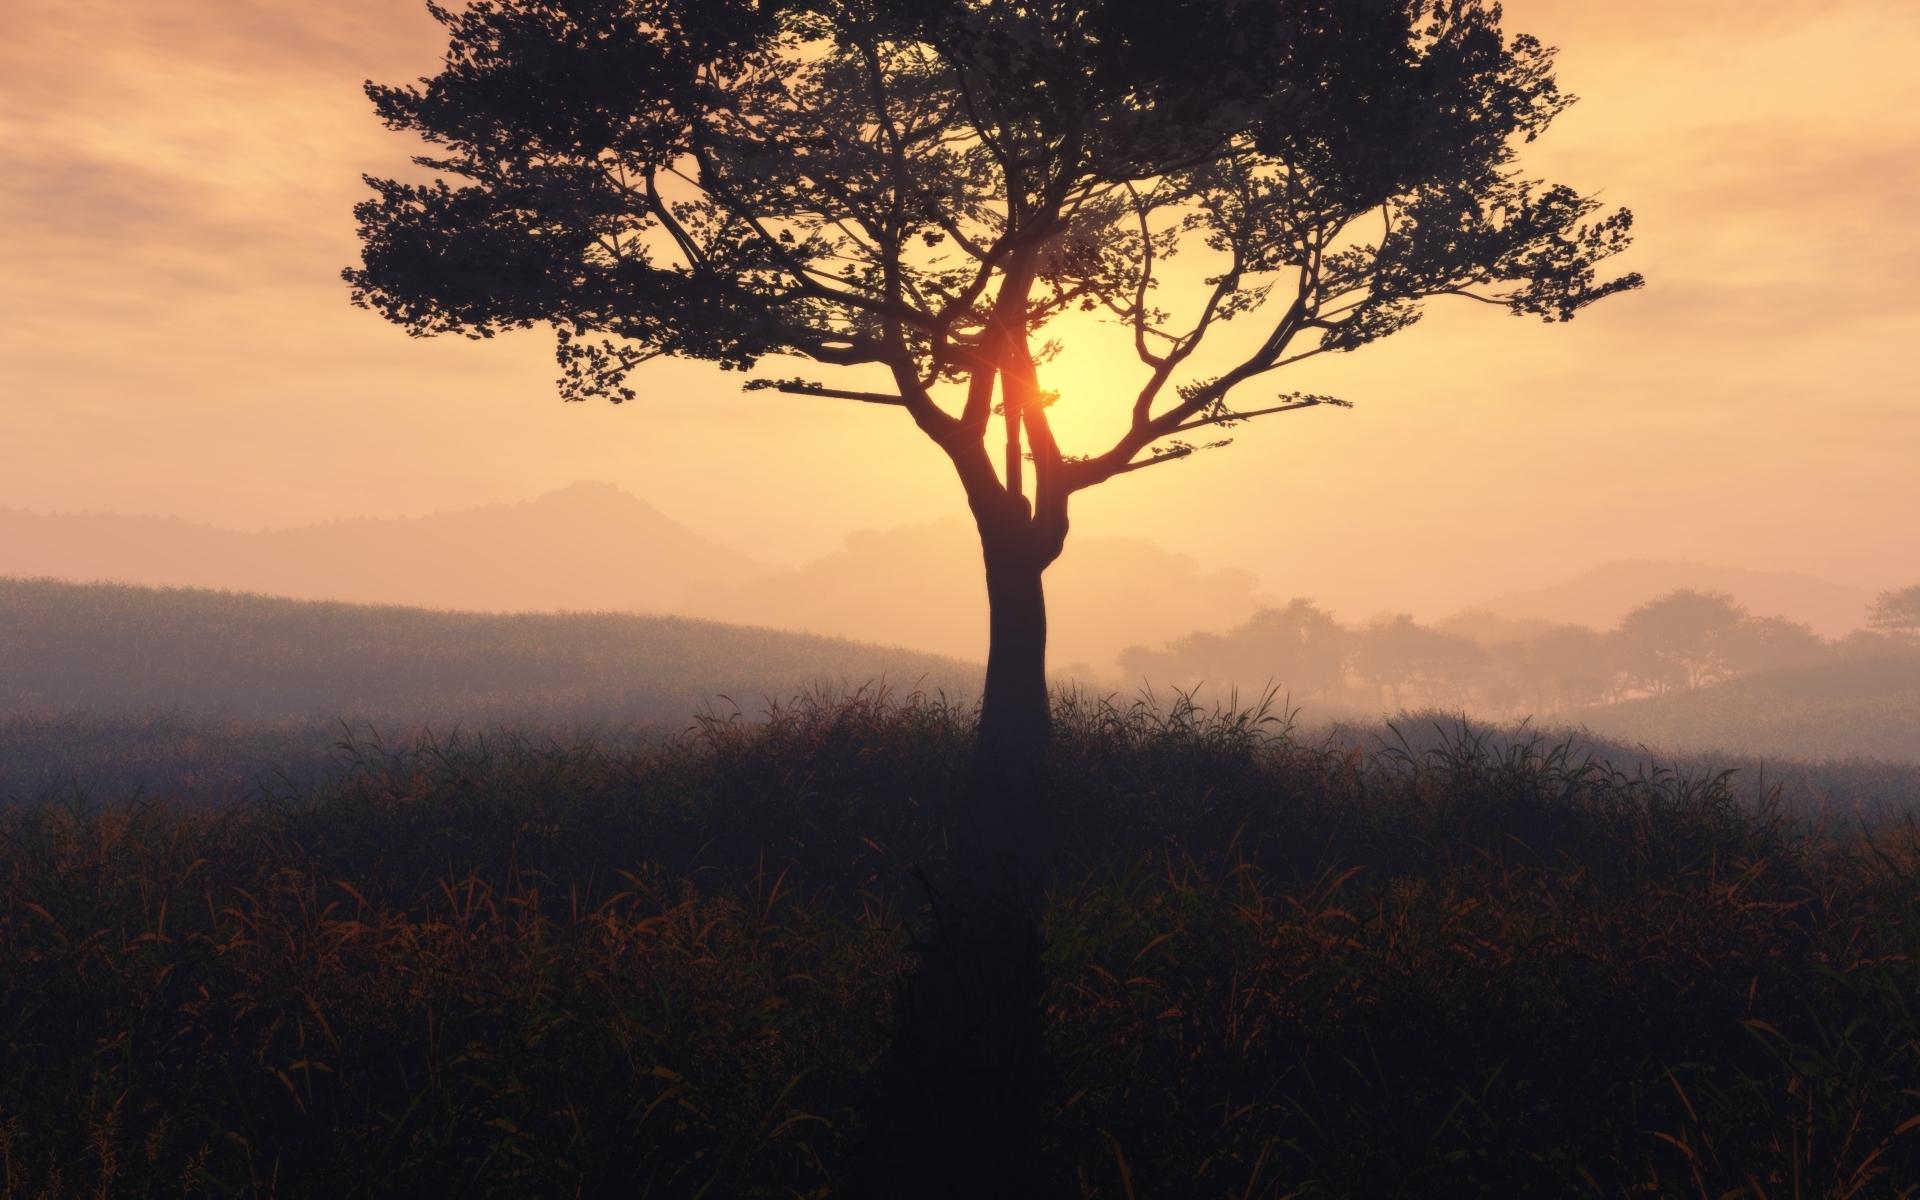 закат,деревья,зелень  № 1076654 бесплатно